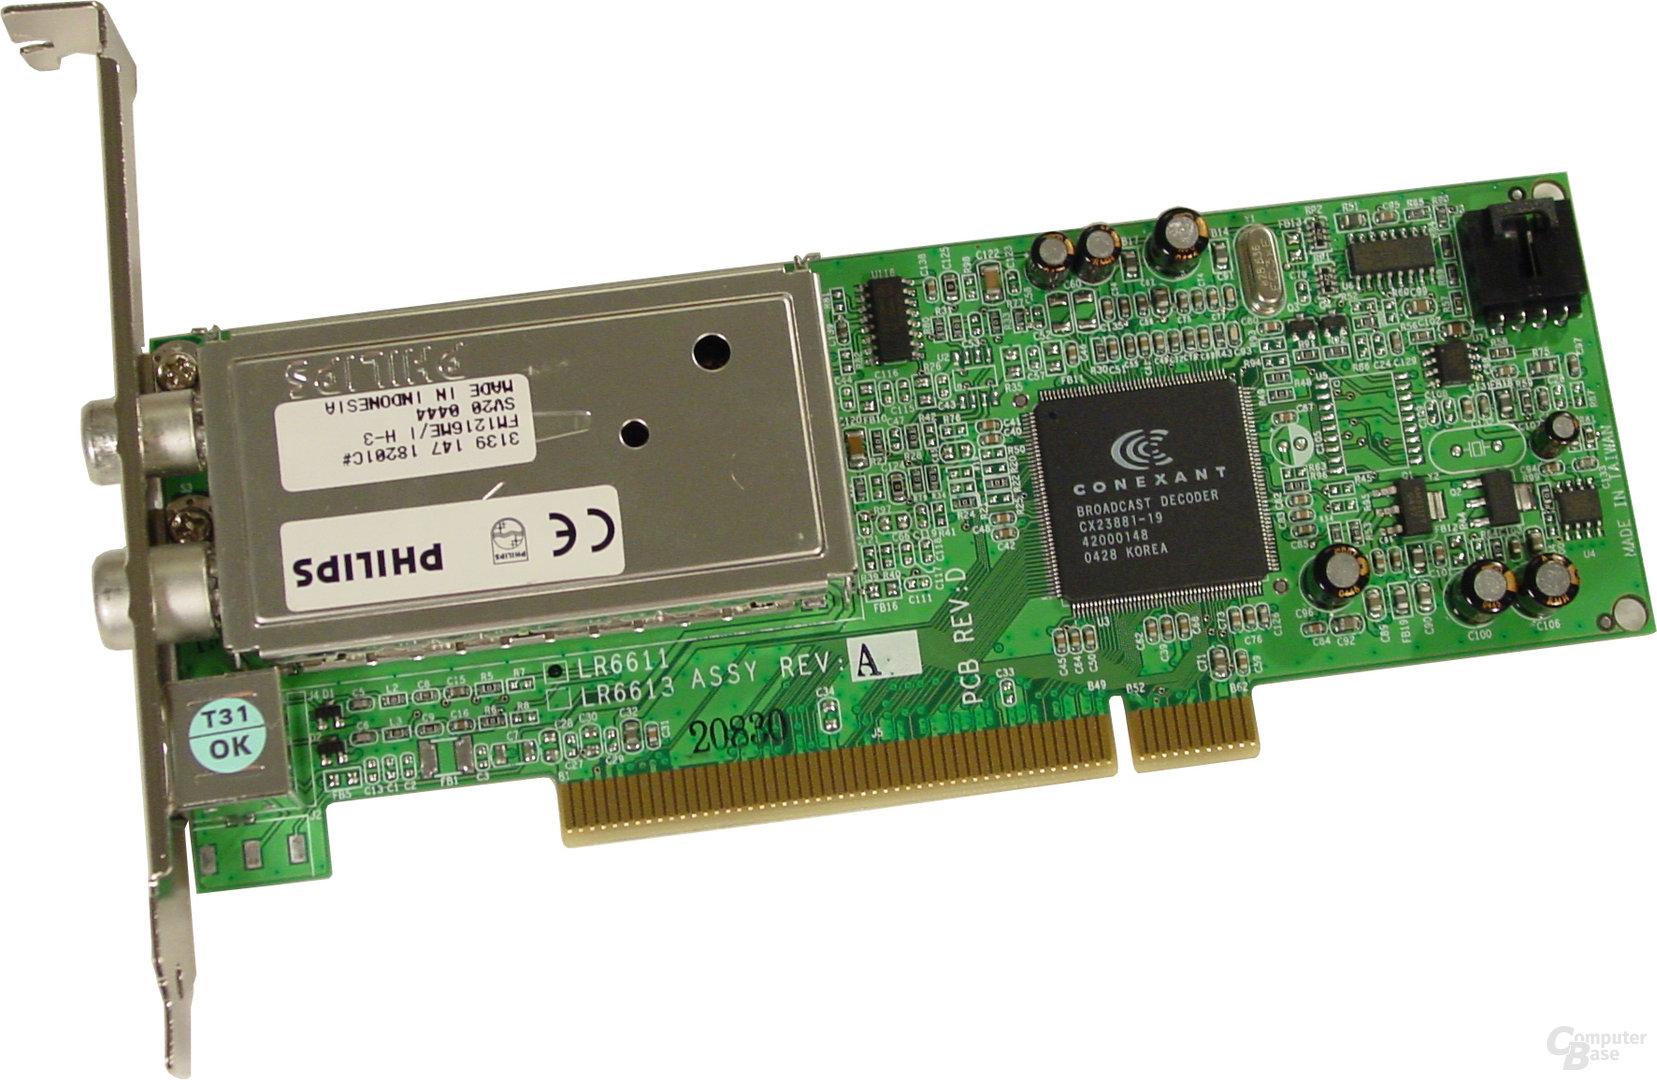 Asus S-presso S1-P111 Deluxe - TV-FM-Karte